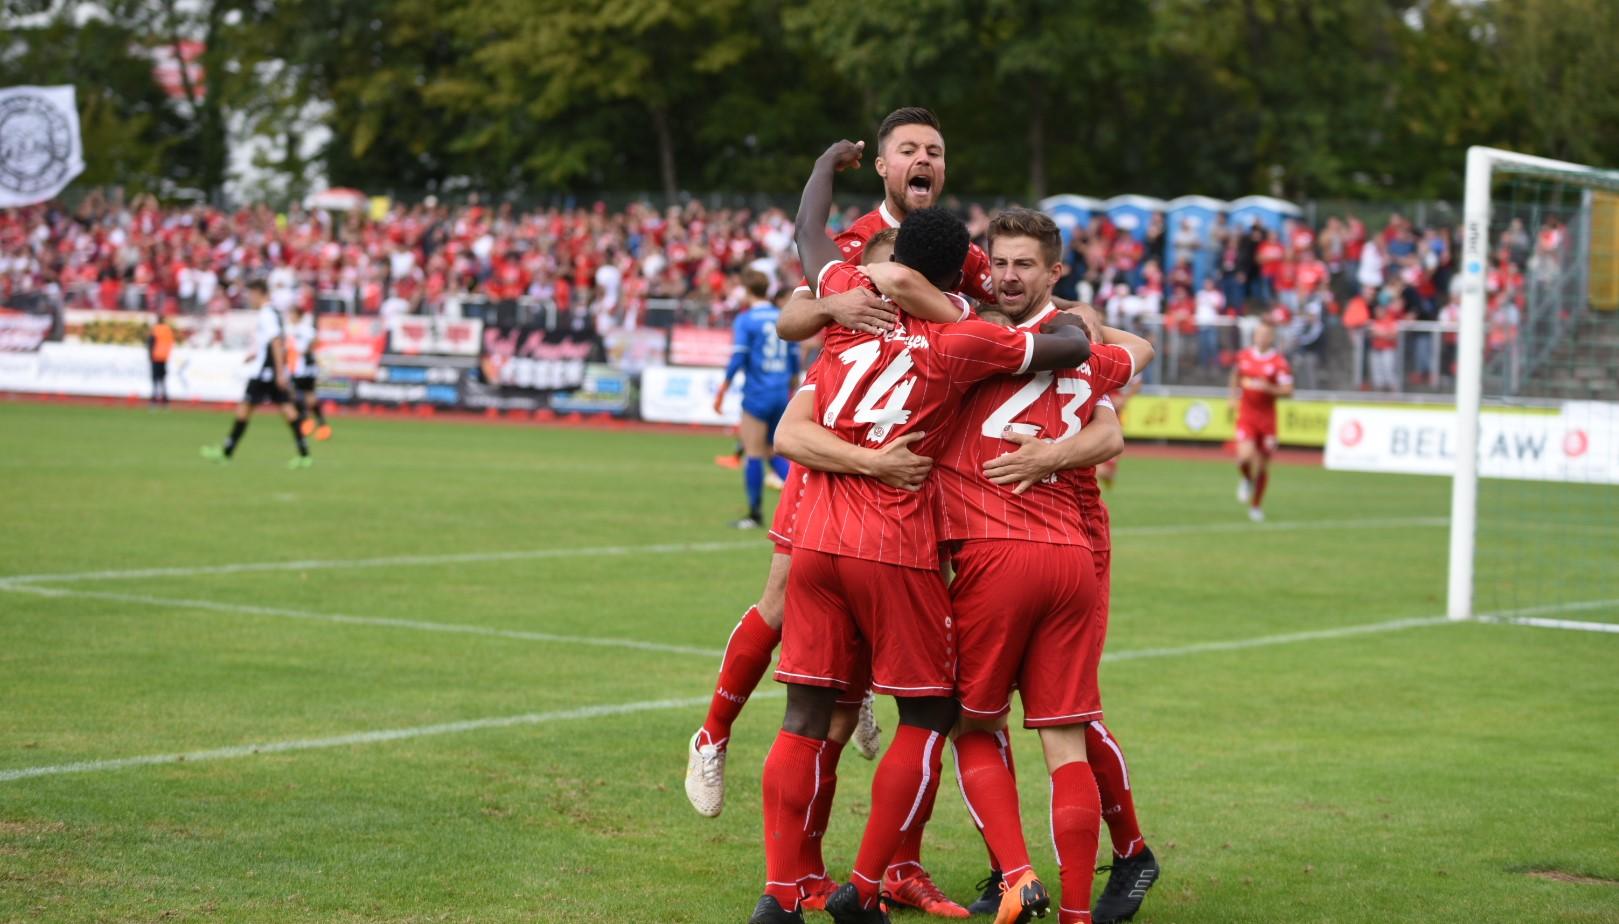 Rot-Weisser Topstart: Nach vier Minuten brachte Florian Bichler seiner Mannschaft in Führung. (Foto: Rotzoll)